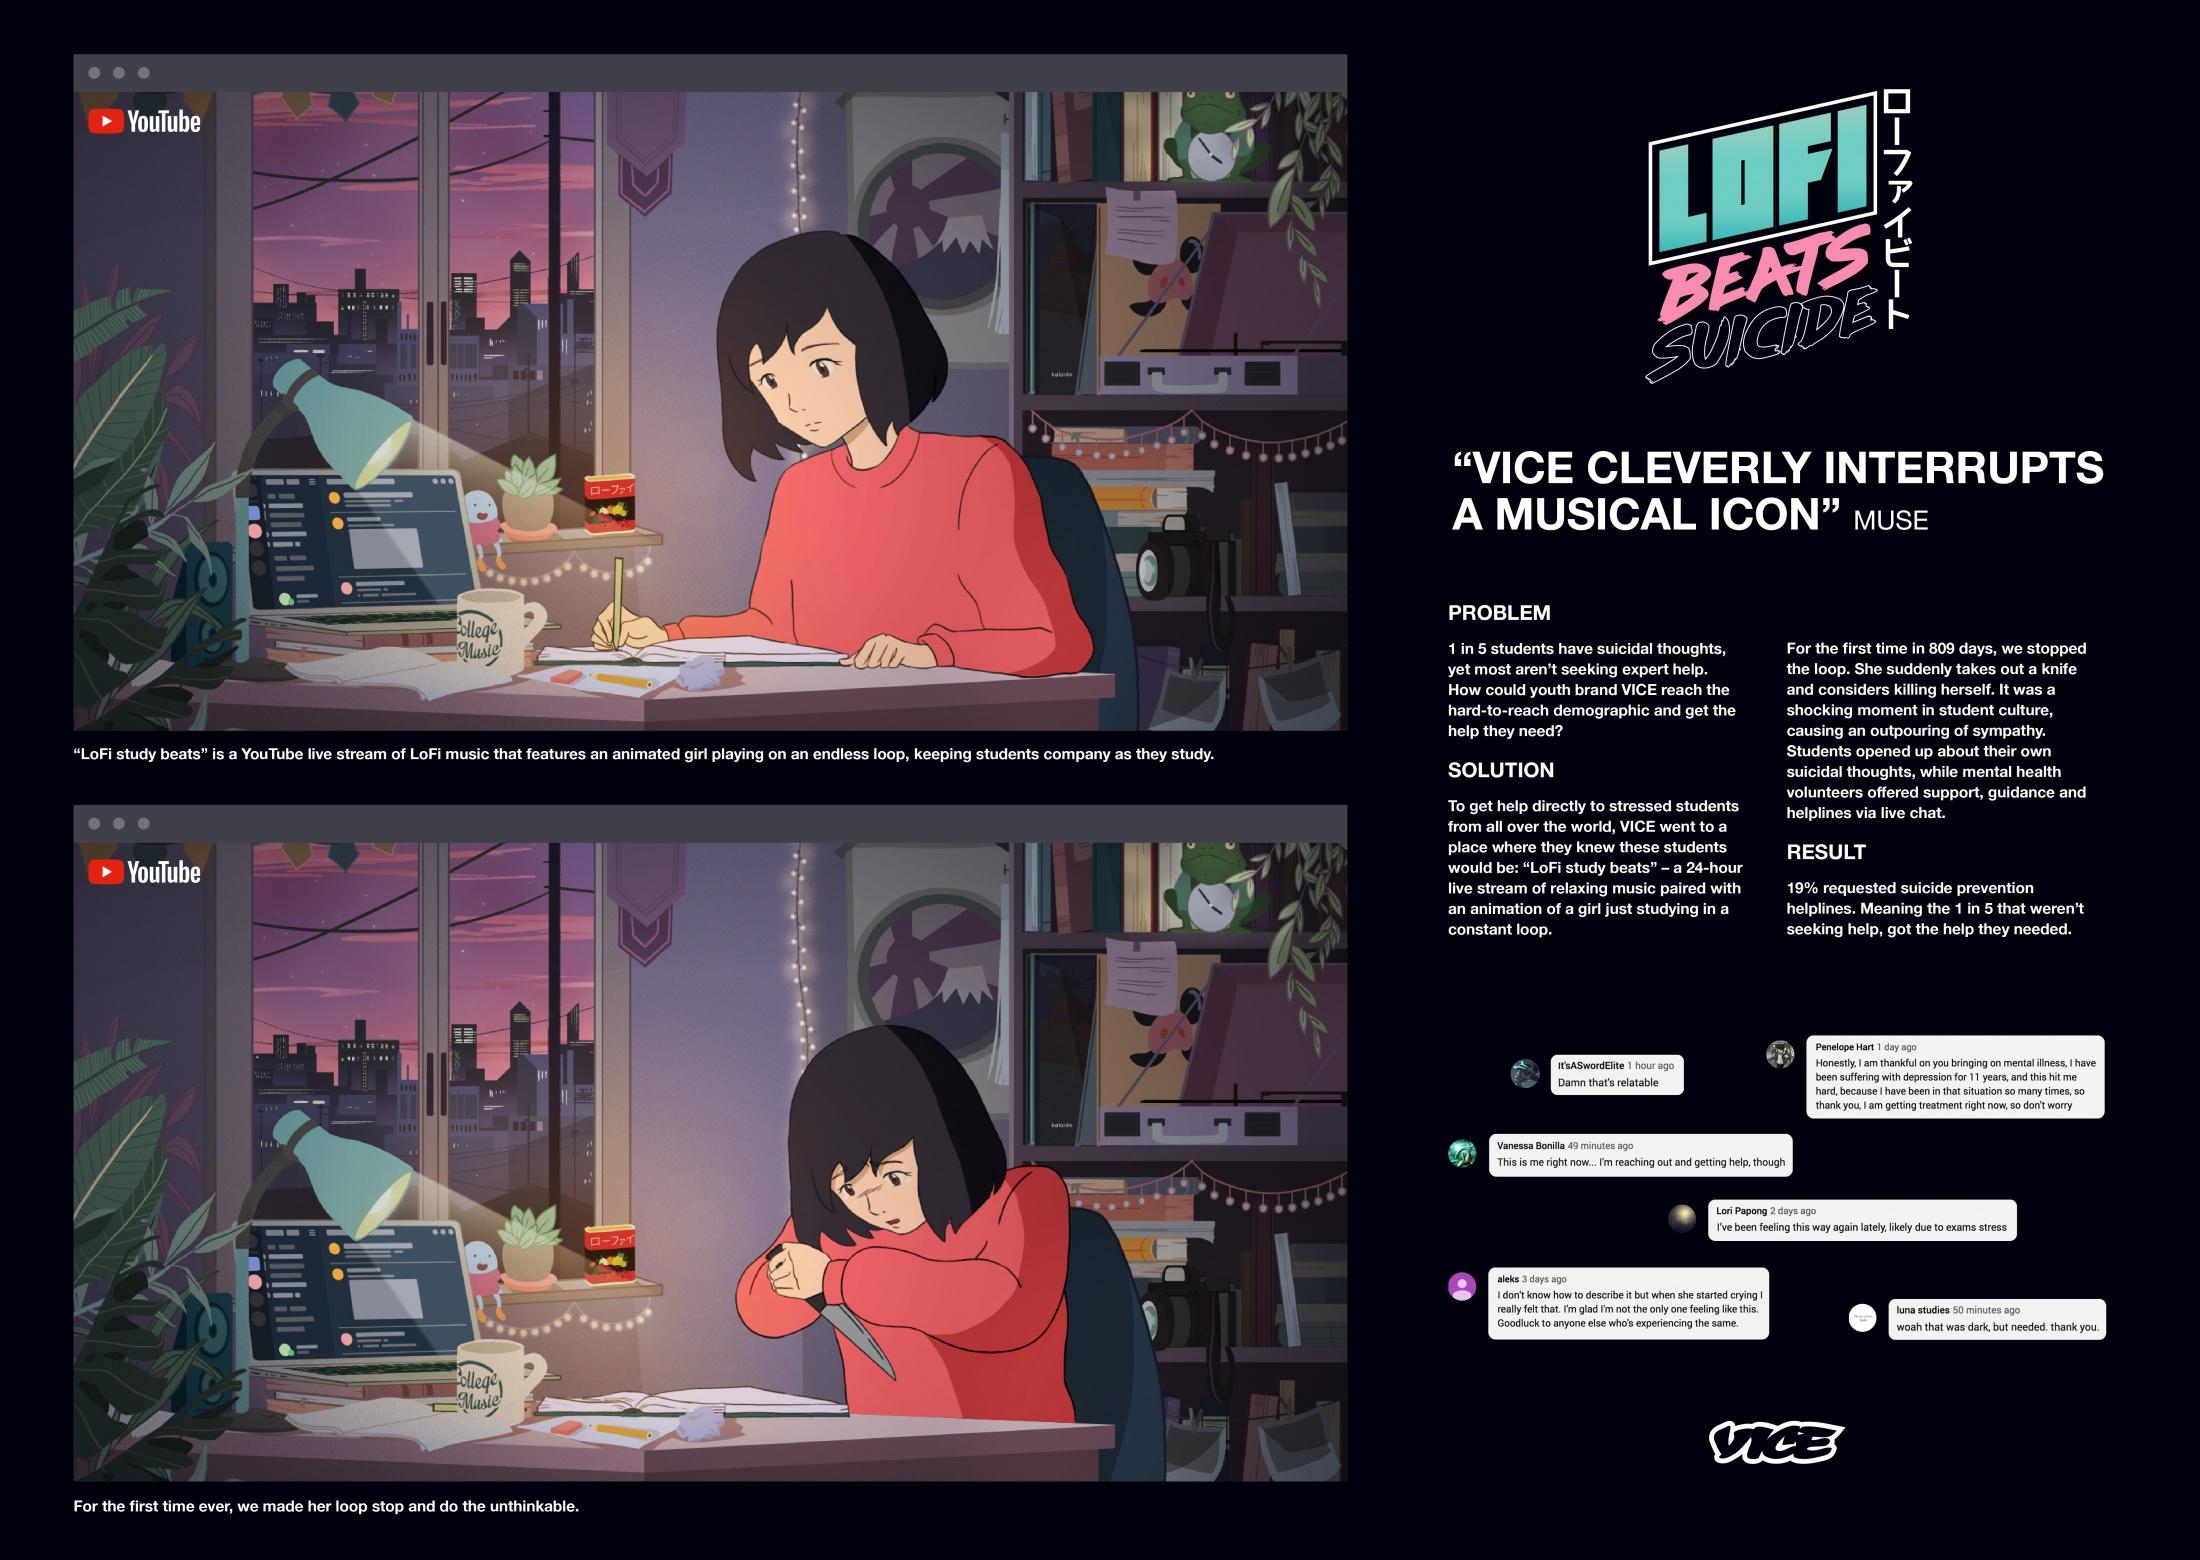 Thumbnail for LoFi Beats Suicide